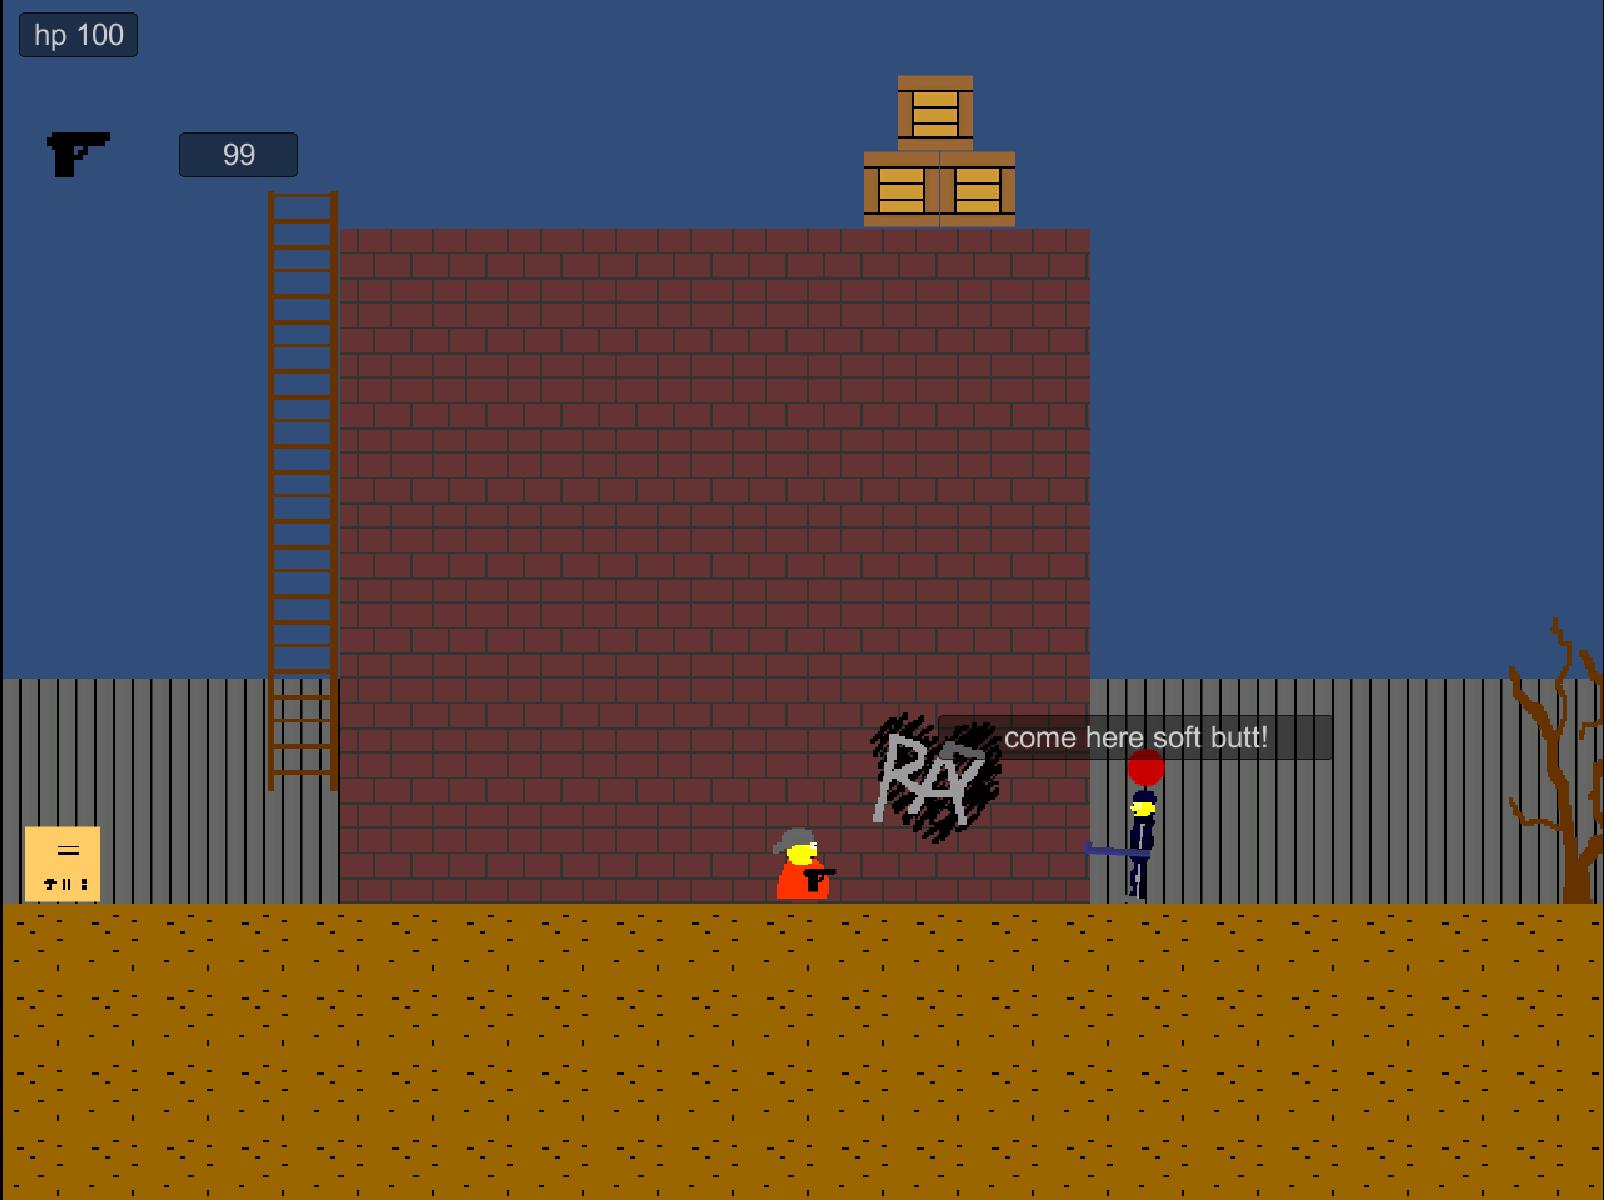 crap1 | Crap Hero proto 1 ( нетолерантная игра мечты с матюгами дерьмом и битьем по яйцам )